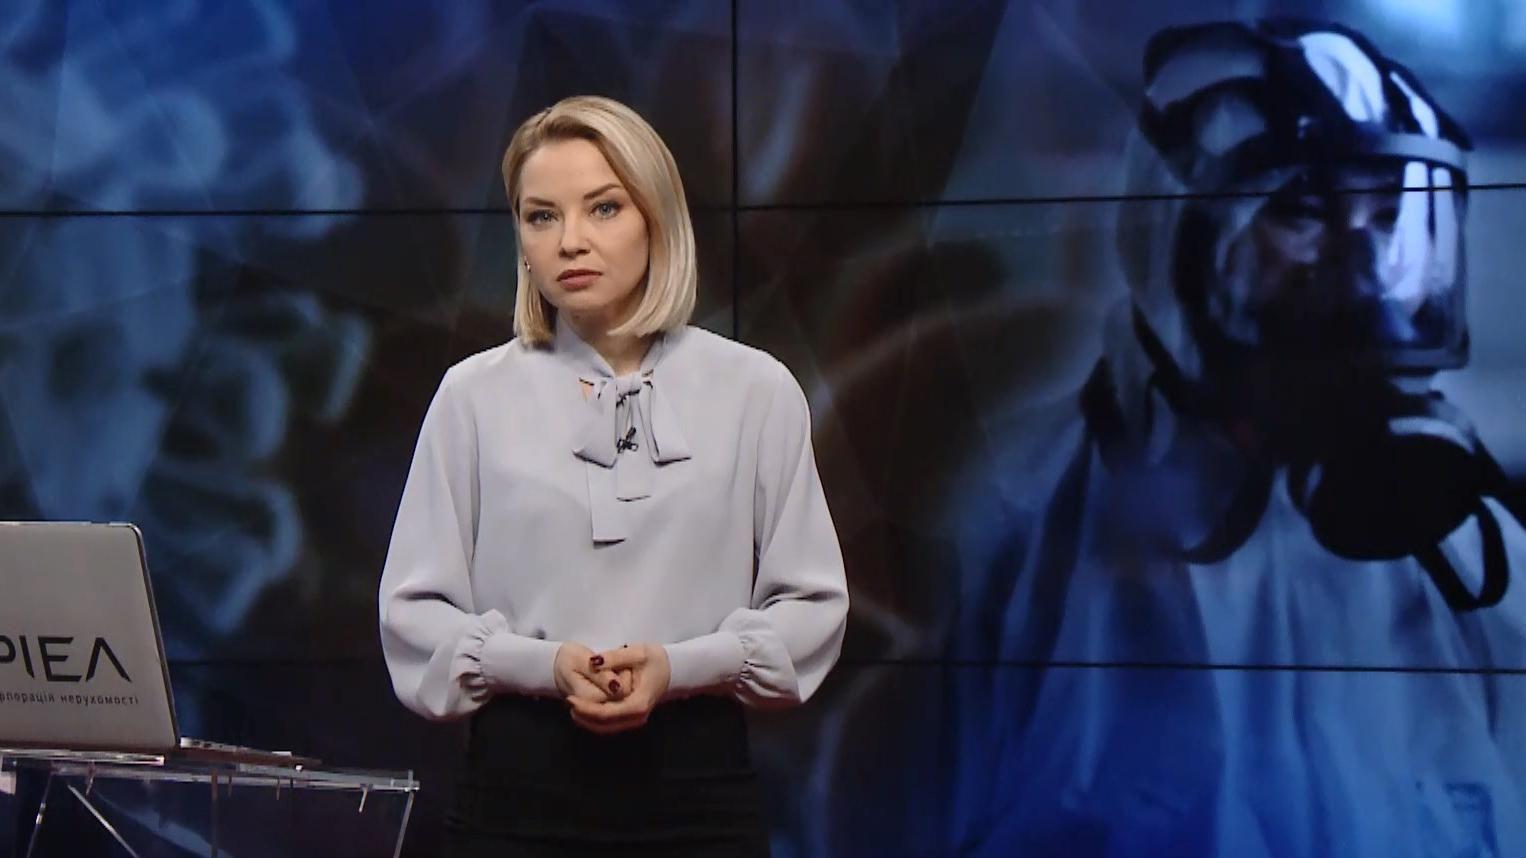 Итоговый выпуск новостей за 22:00: Стрельба в Днепре. Вспышка коронавируса в Италии - Новости Днепр - 24 Канал